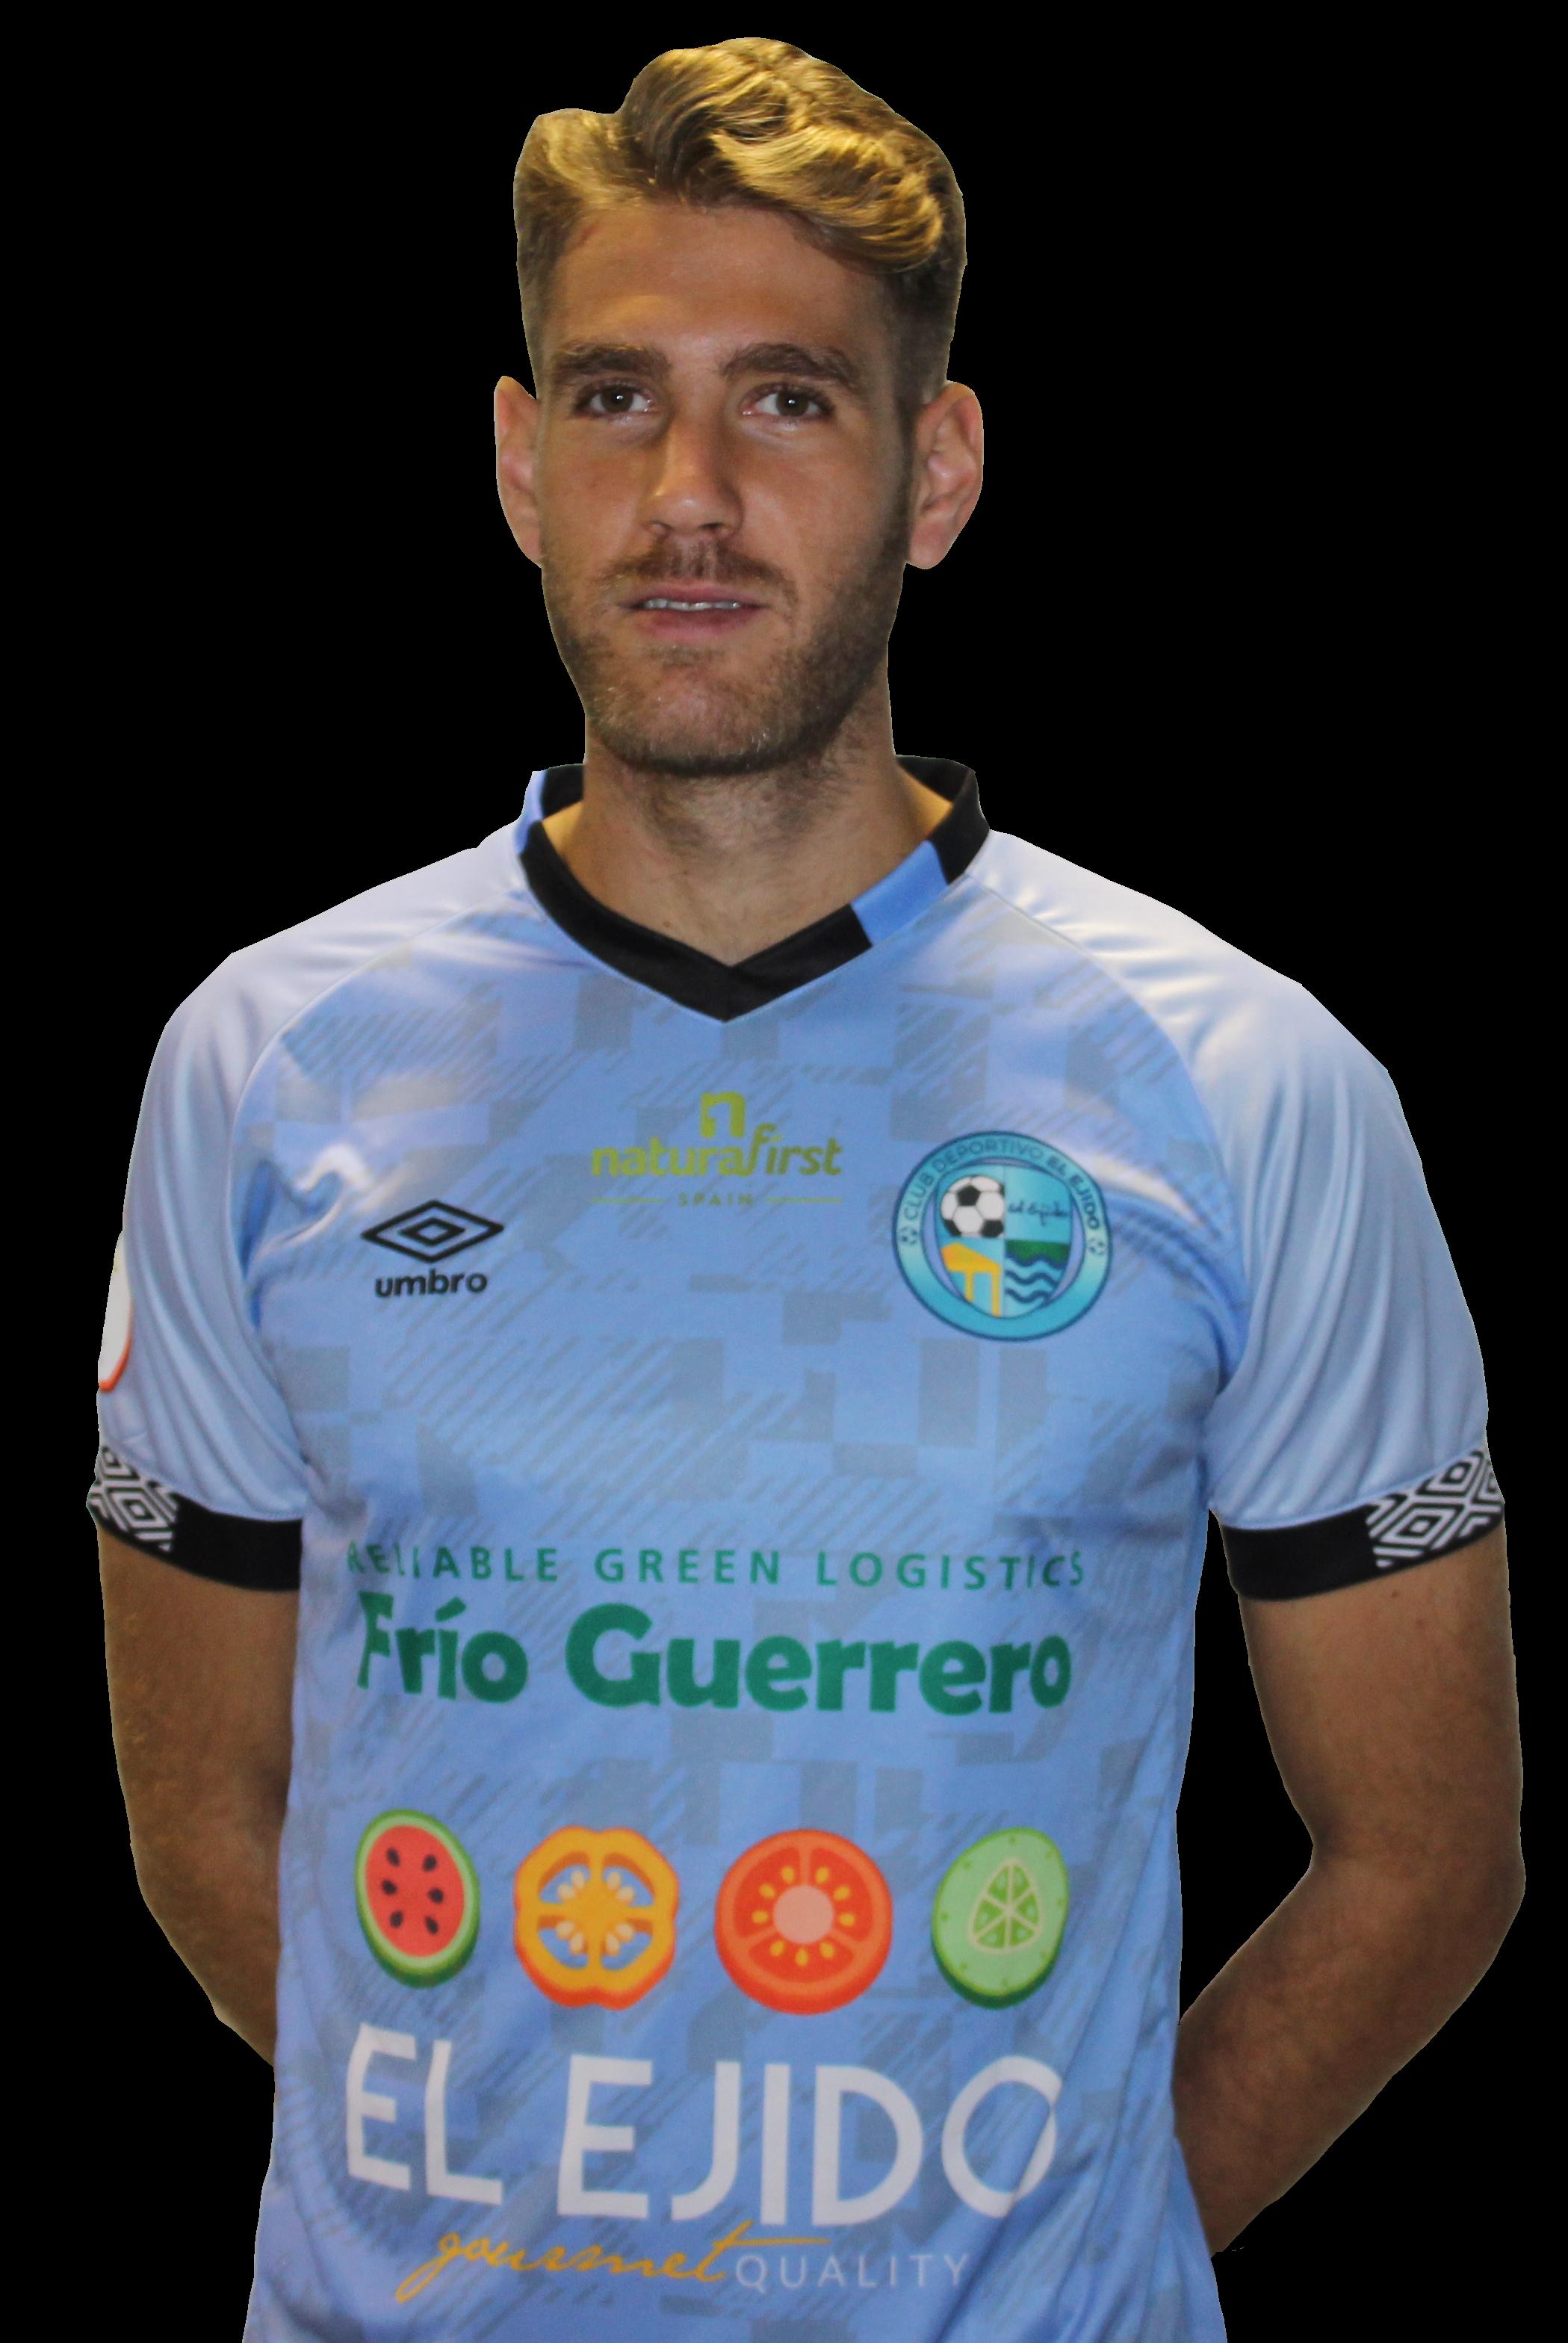 José Carlos Caballero Vargas